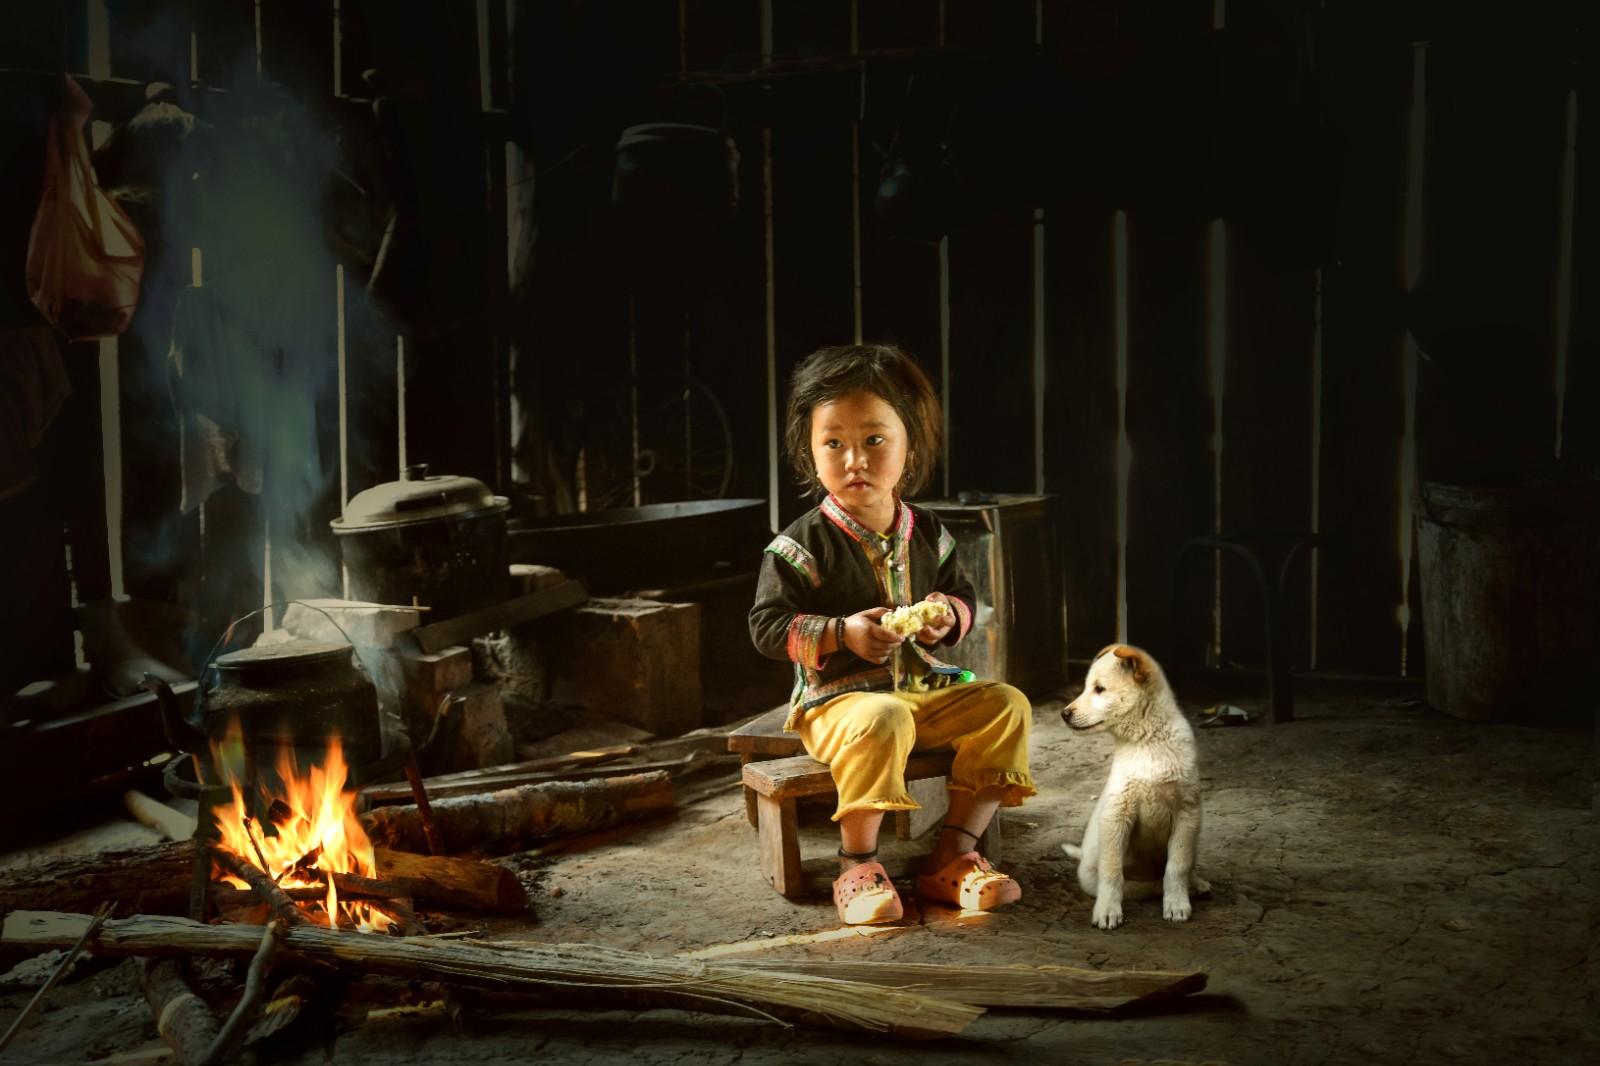 第九届土耳其阿尔贝拉国际摄影大赛铜奖《女孩与狗》.jpg